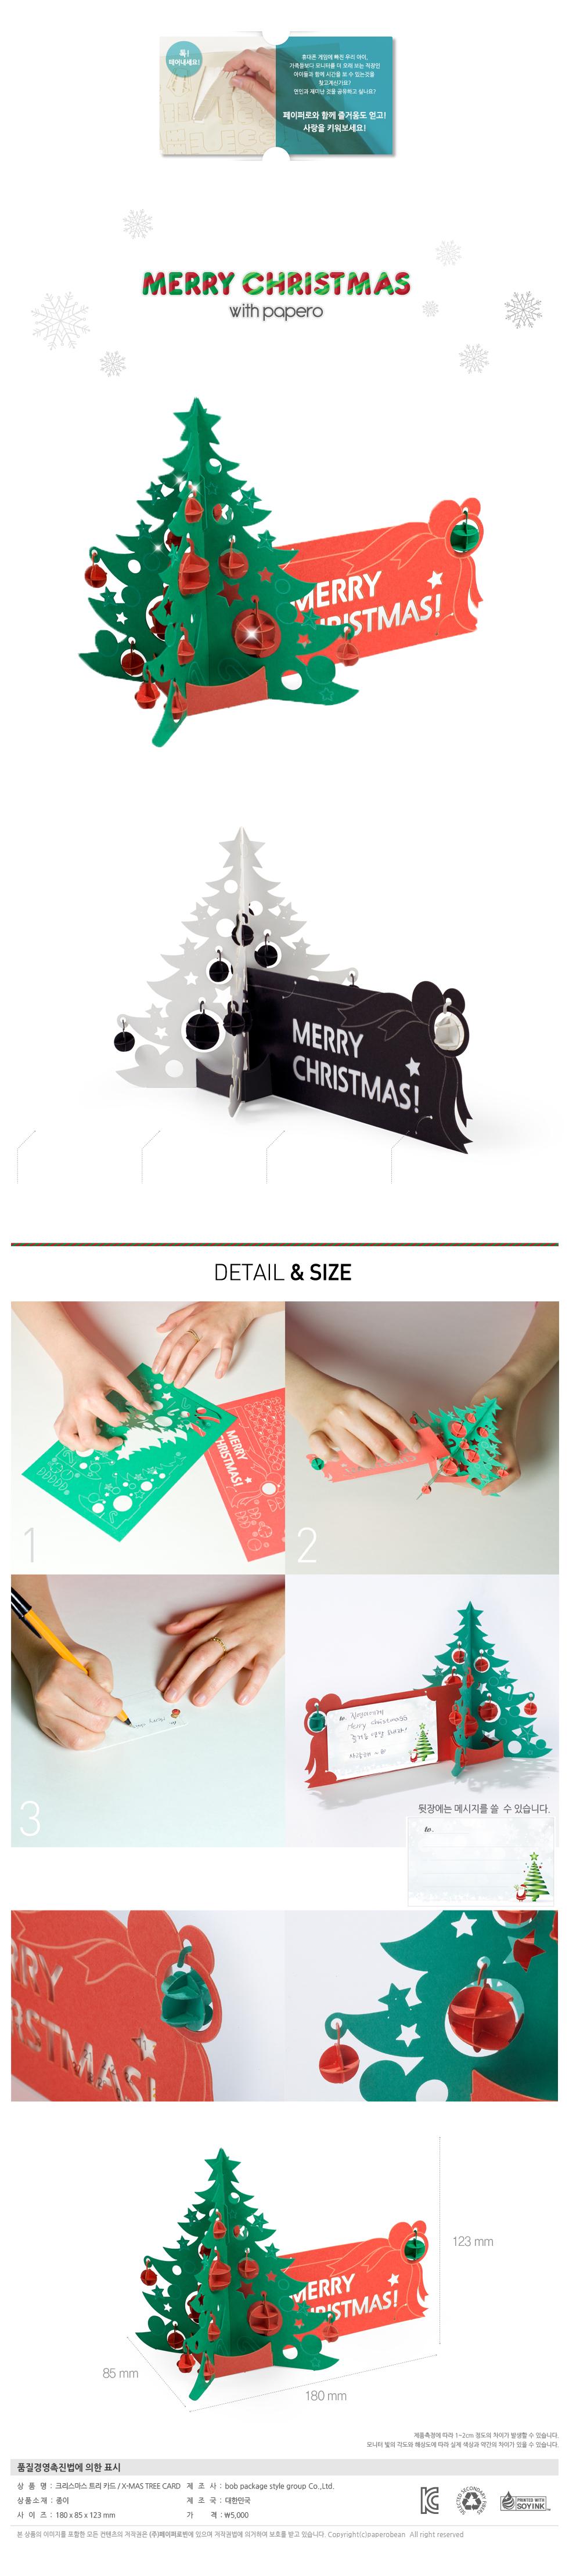 크리스마스 트리 카드5,000원-페이퍼로인테리어, 크리스마스용품, 장식품, 크리스마스소품바보사랑크리스마스 트리 카드5,000원-페이퍼로인테리어, 크리스마스용품, 장식품, 크리스마스소품바보사랑